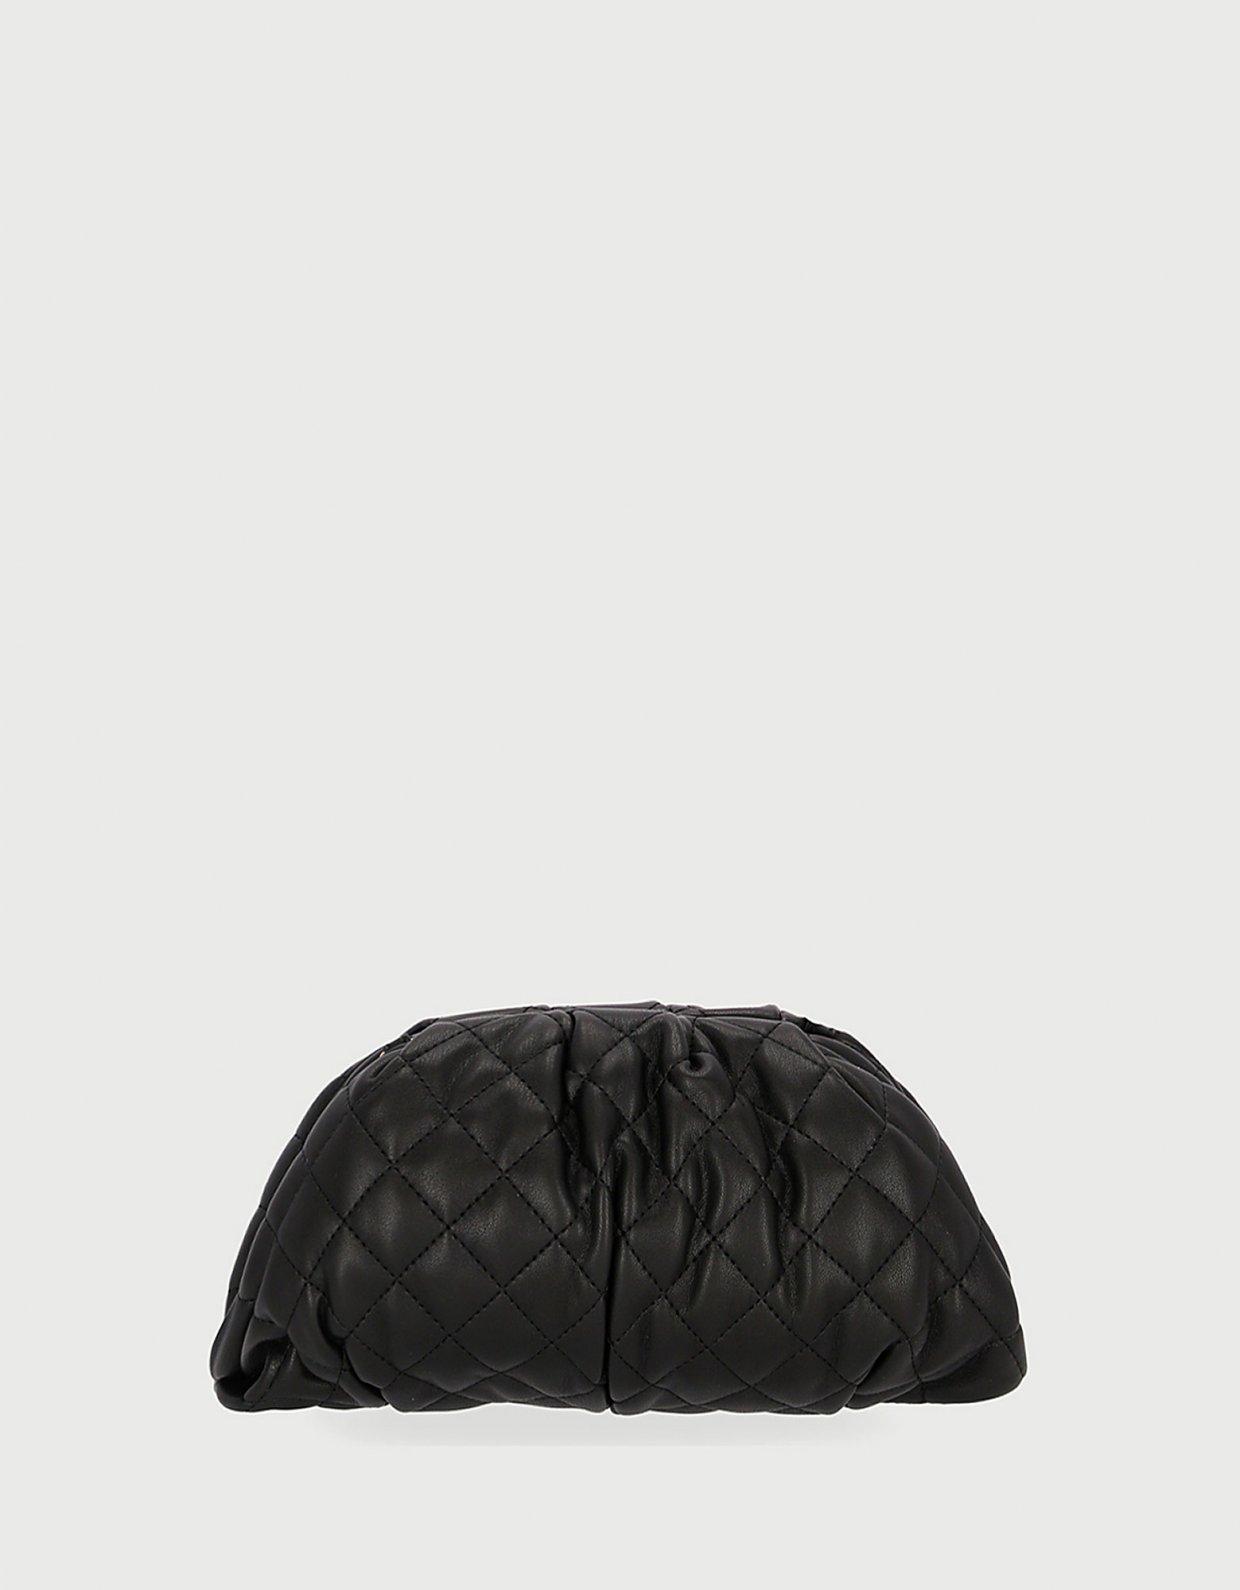 Liu Jo Matelassè clutch bag